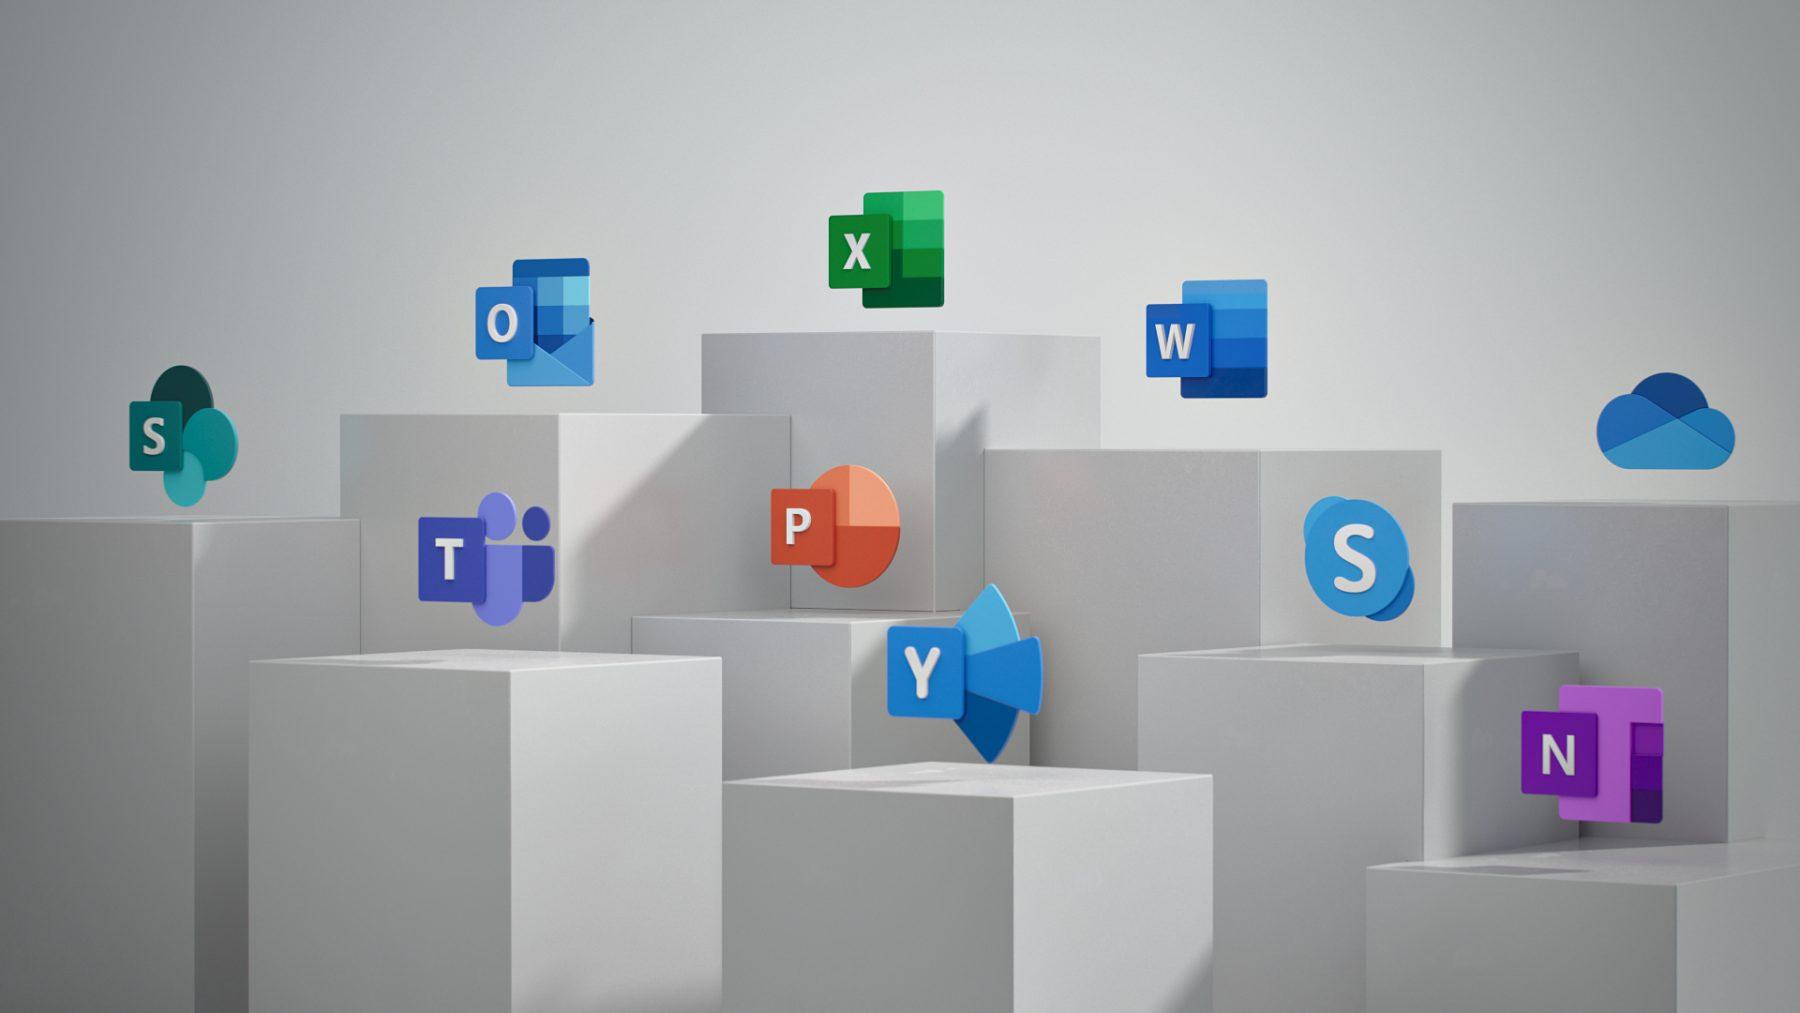 微软分享Office365 Win10 Fluent图标设计背后的故事的照片 - 6